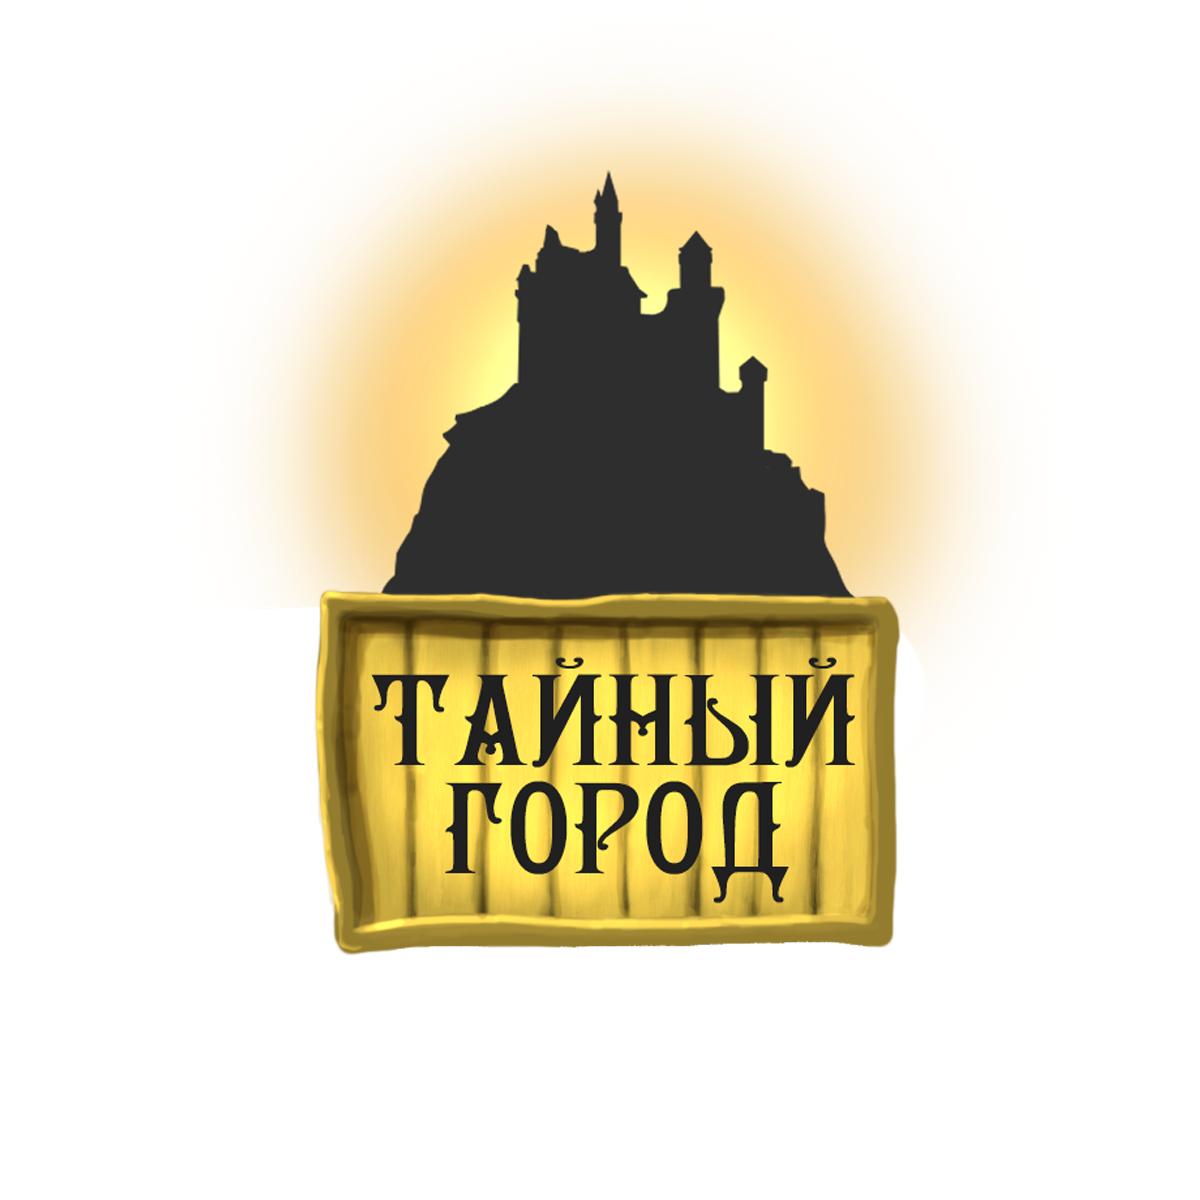 Разработка логотипа и шрифтов для Квеста  фото f_5895b4676e0a32a6.png